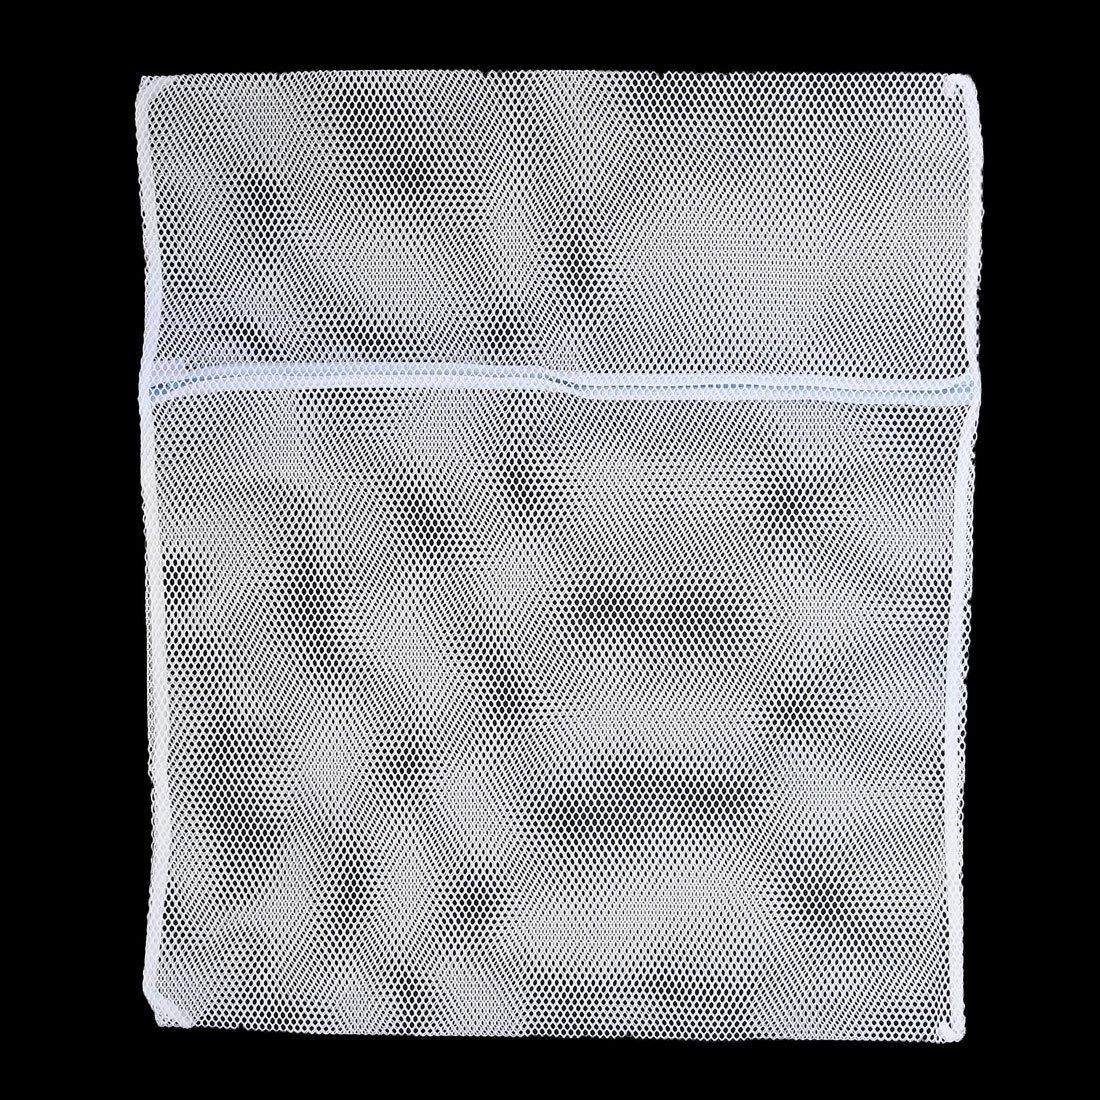 Amazon.com: eDealMax de poliéster Para el hogar red Para lavadora la ropa del acoplamiento del Sujetador de calcetines Lavadora Bolsa DE 70 x 80 cm: Home & ...